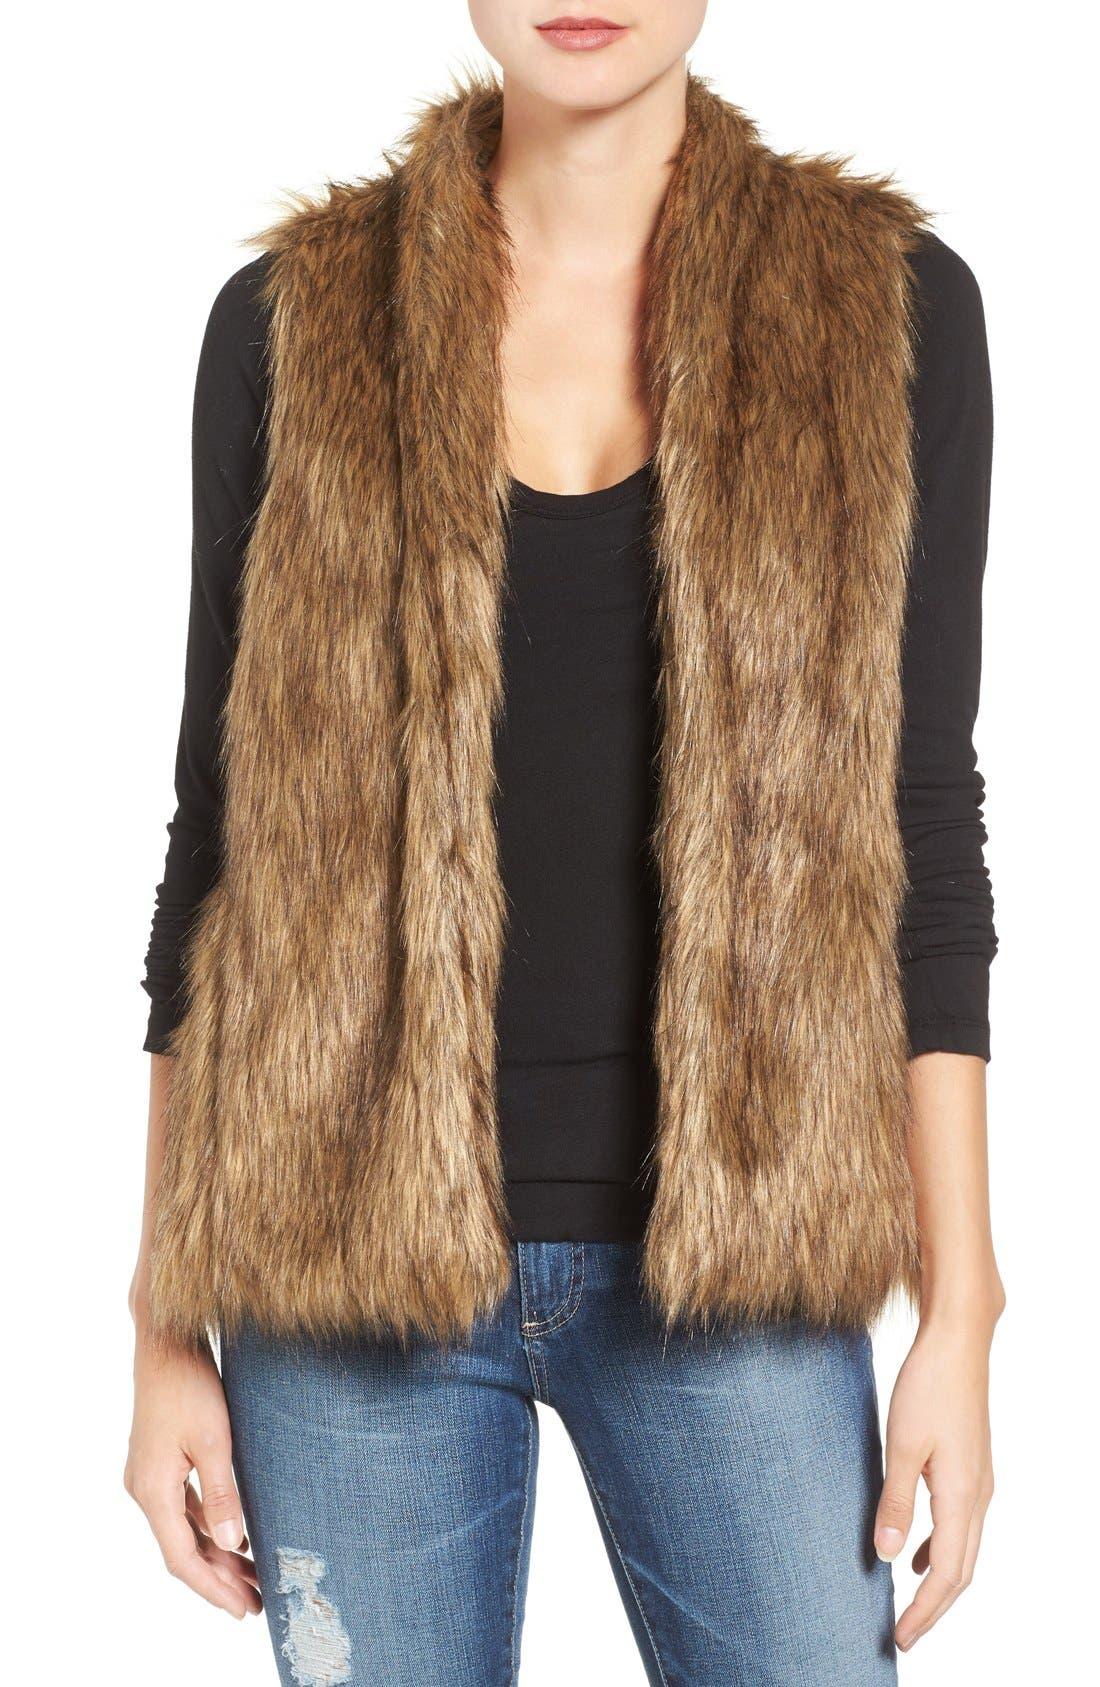 Faux Fur Vest,                             Main thumbnail 1, color,                             Tan Brown Faux Fur